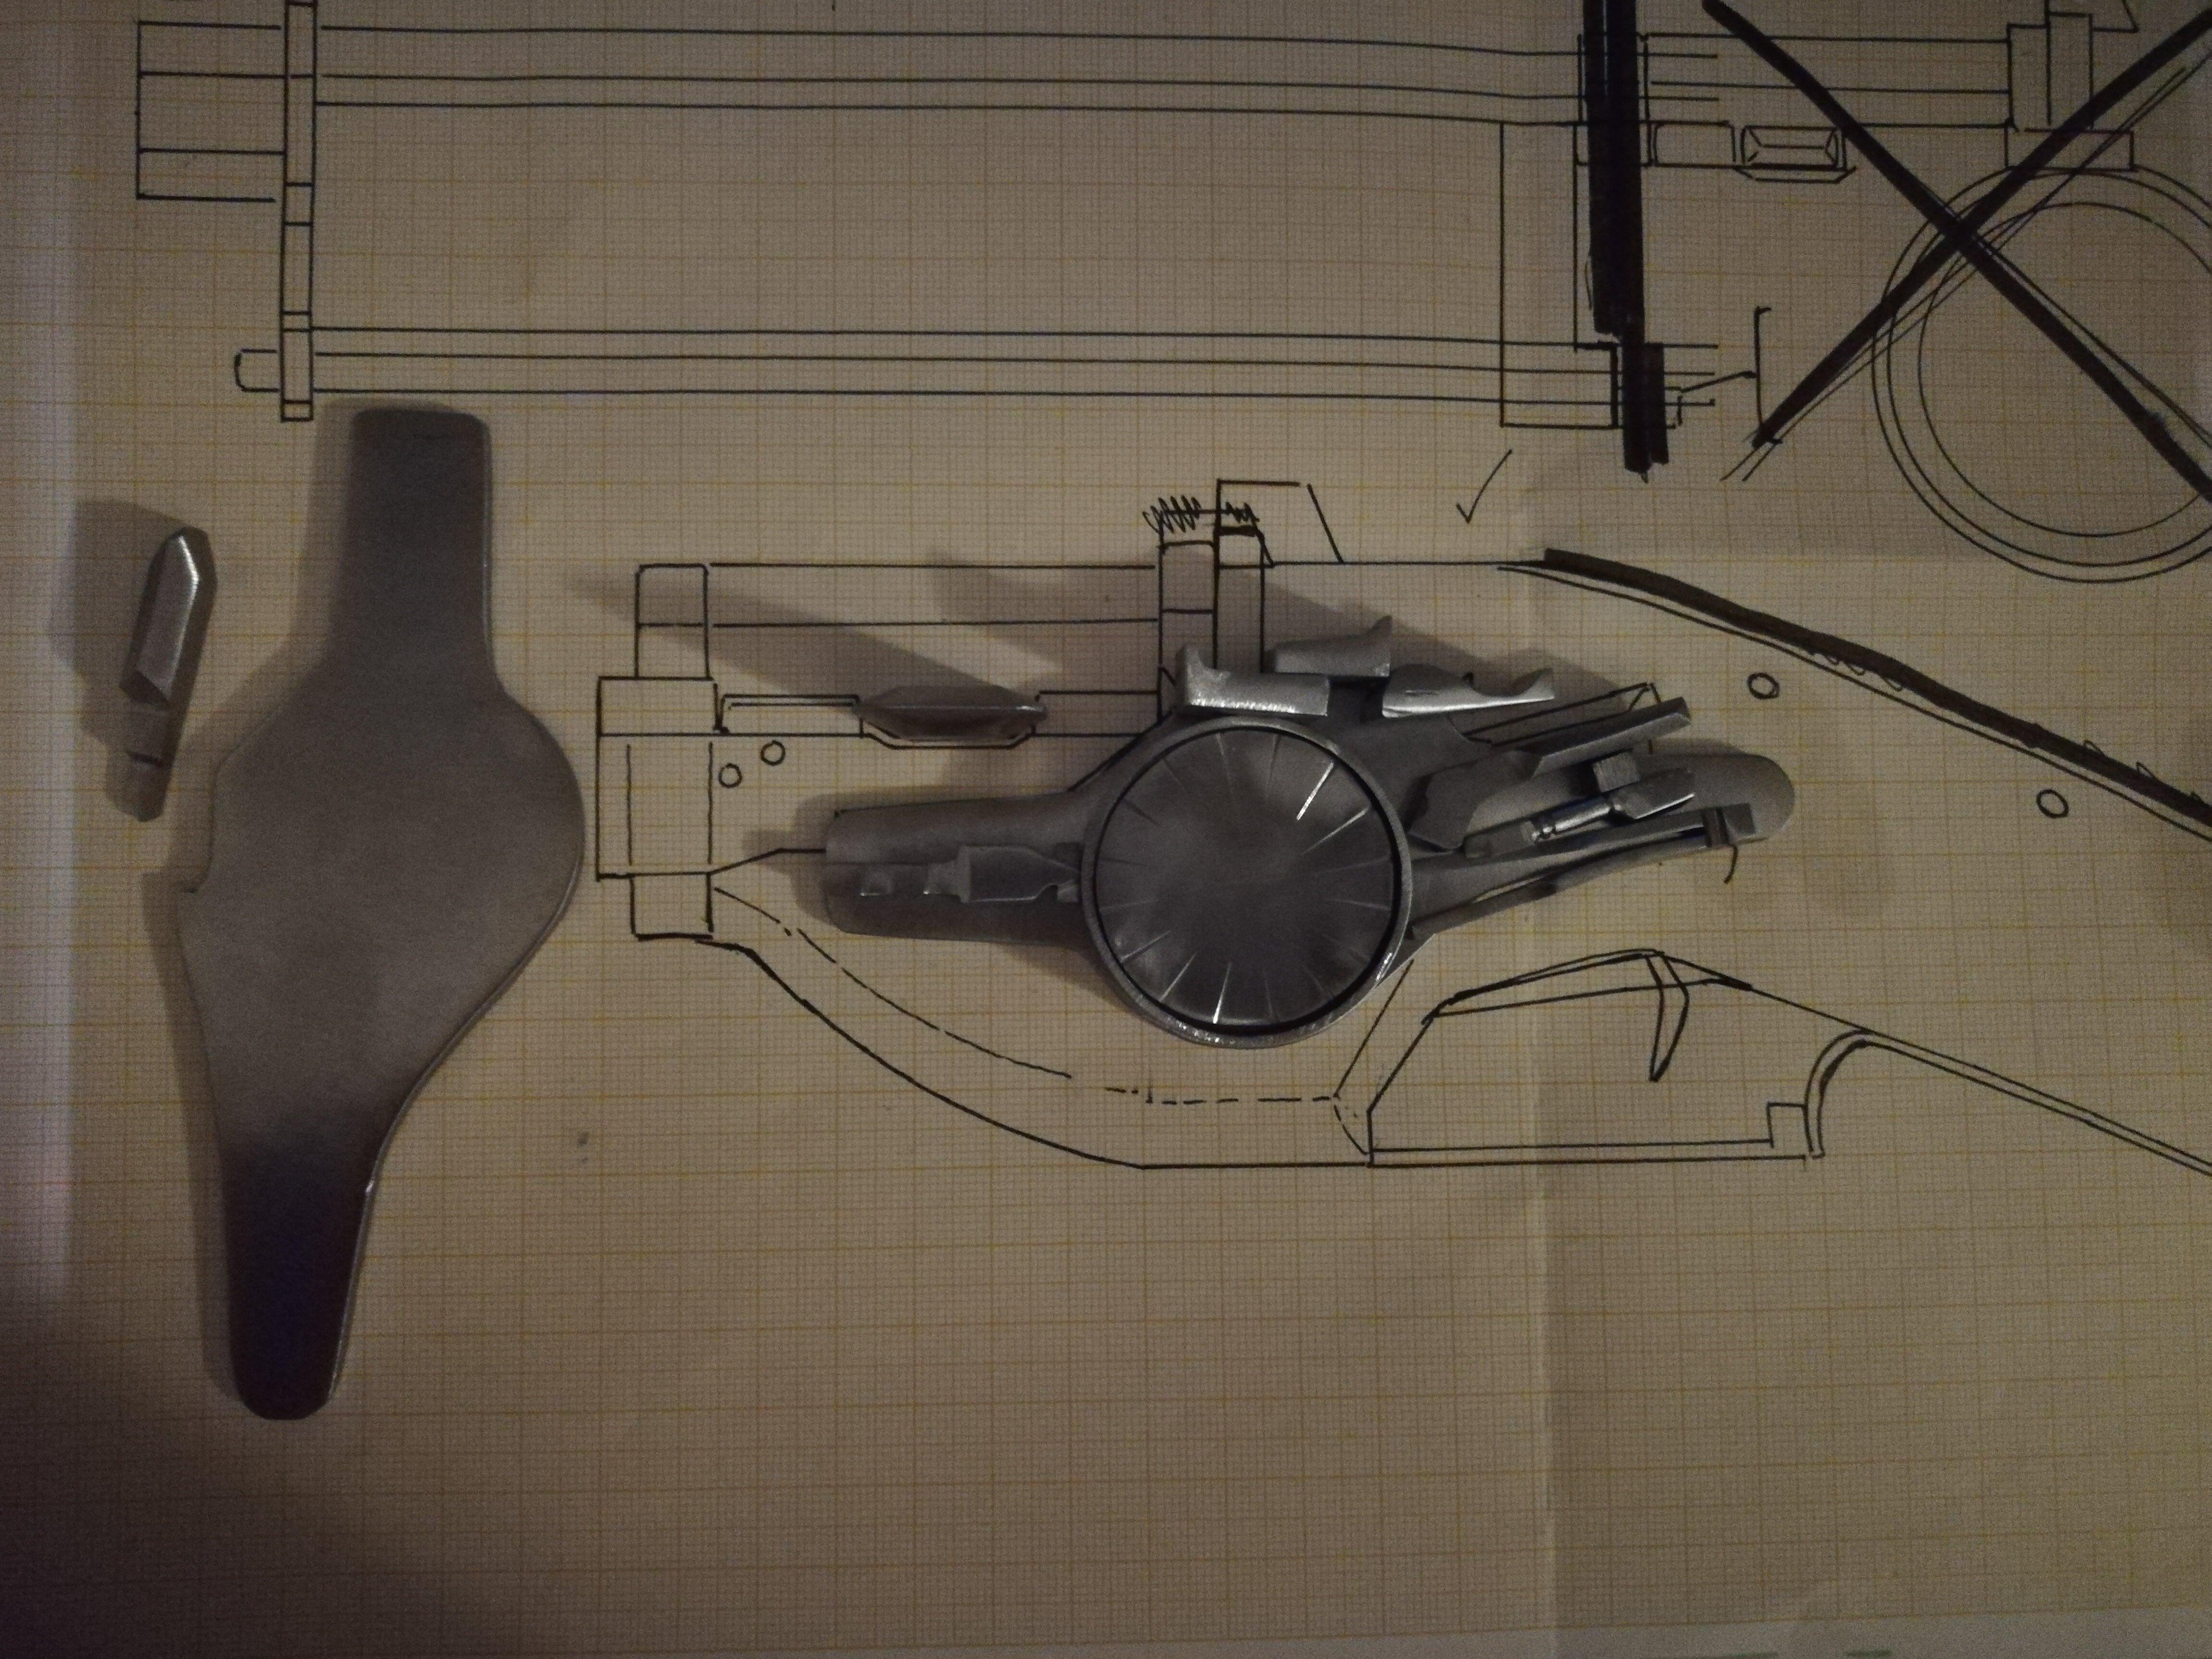 Pistol02.jpg